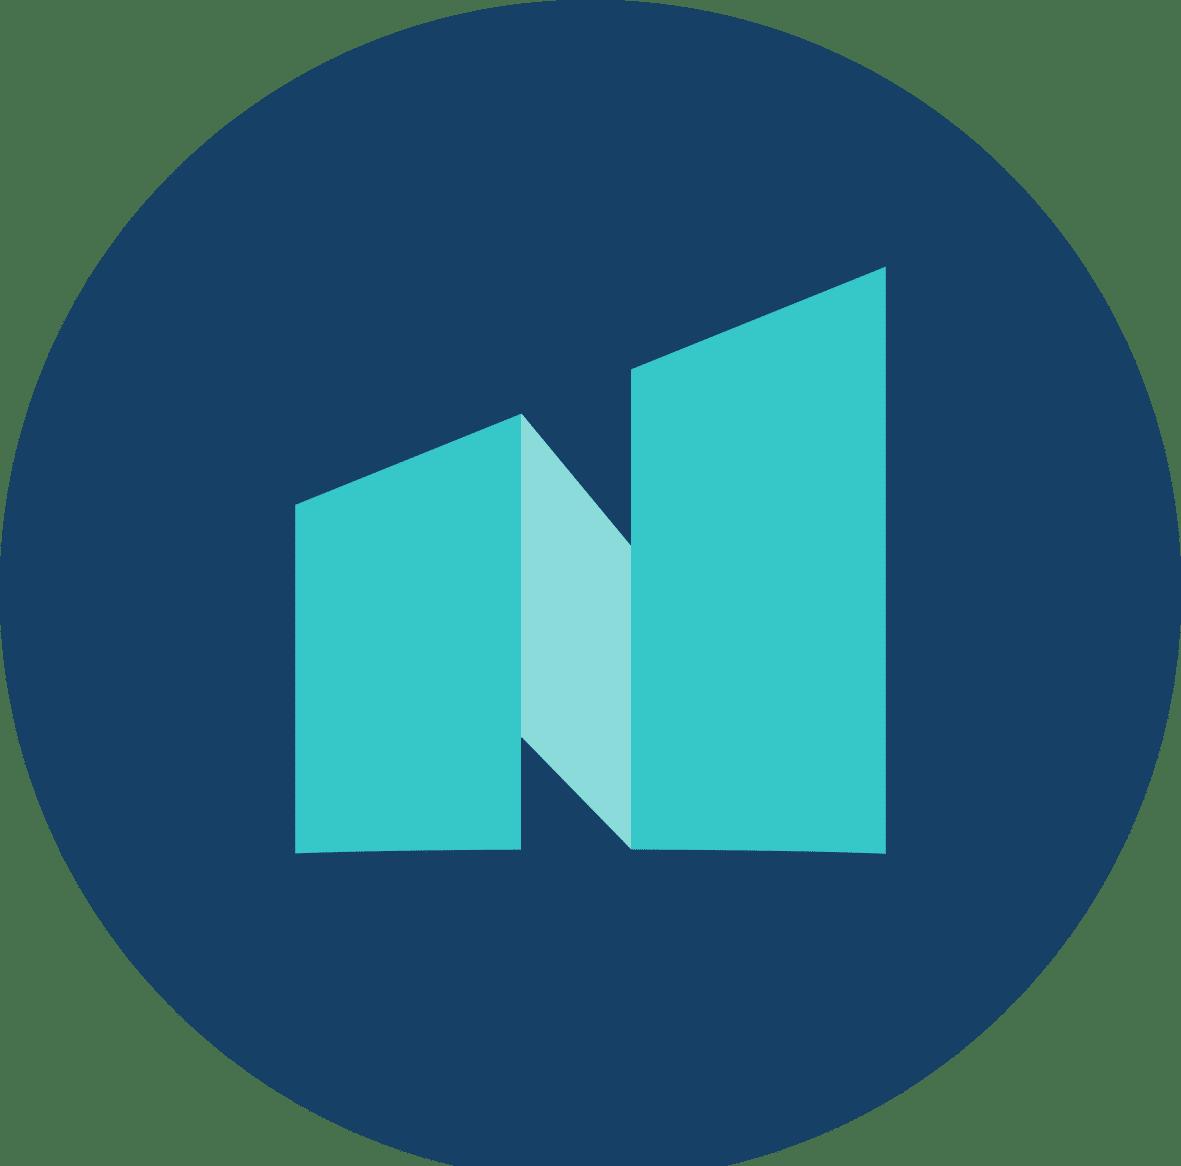 Umfrage Beispiele und Anwendungsfälle